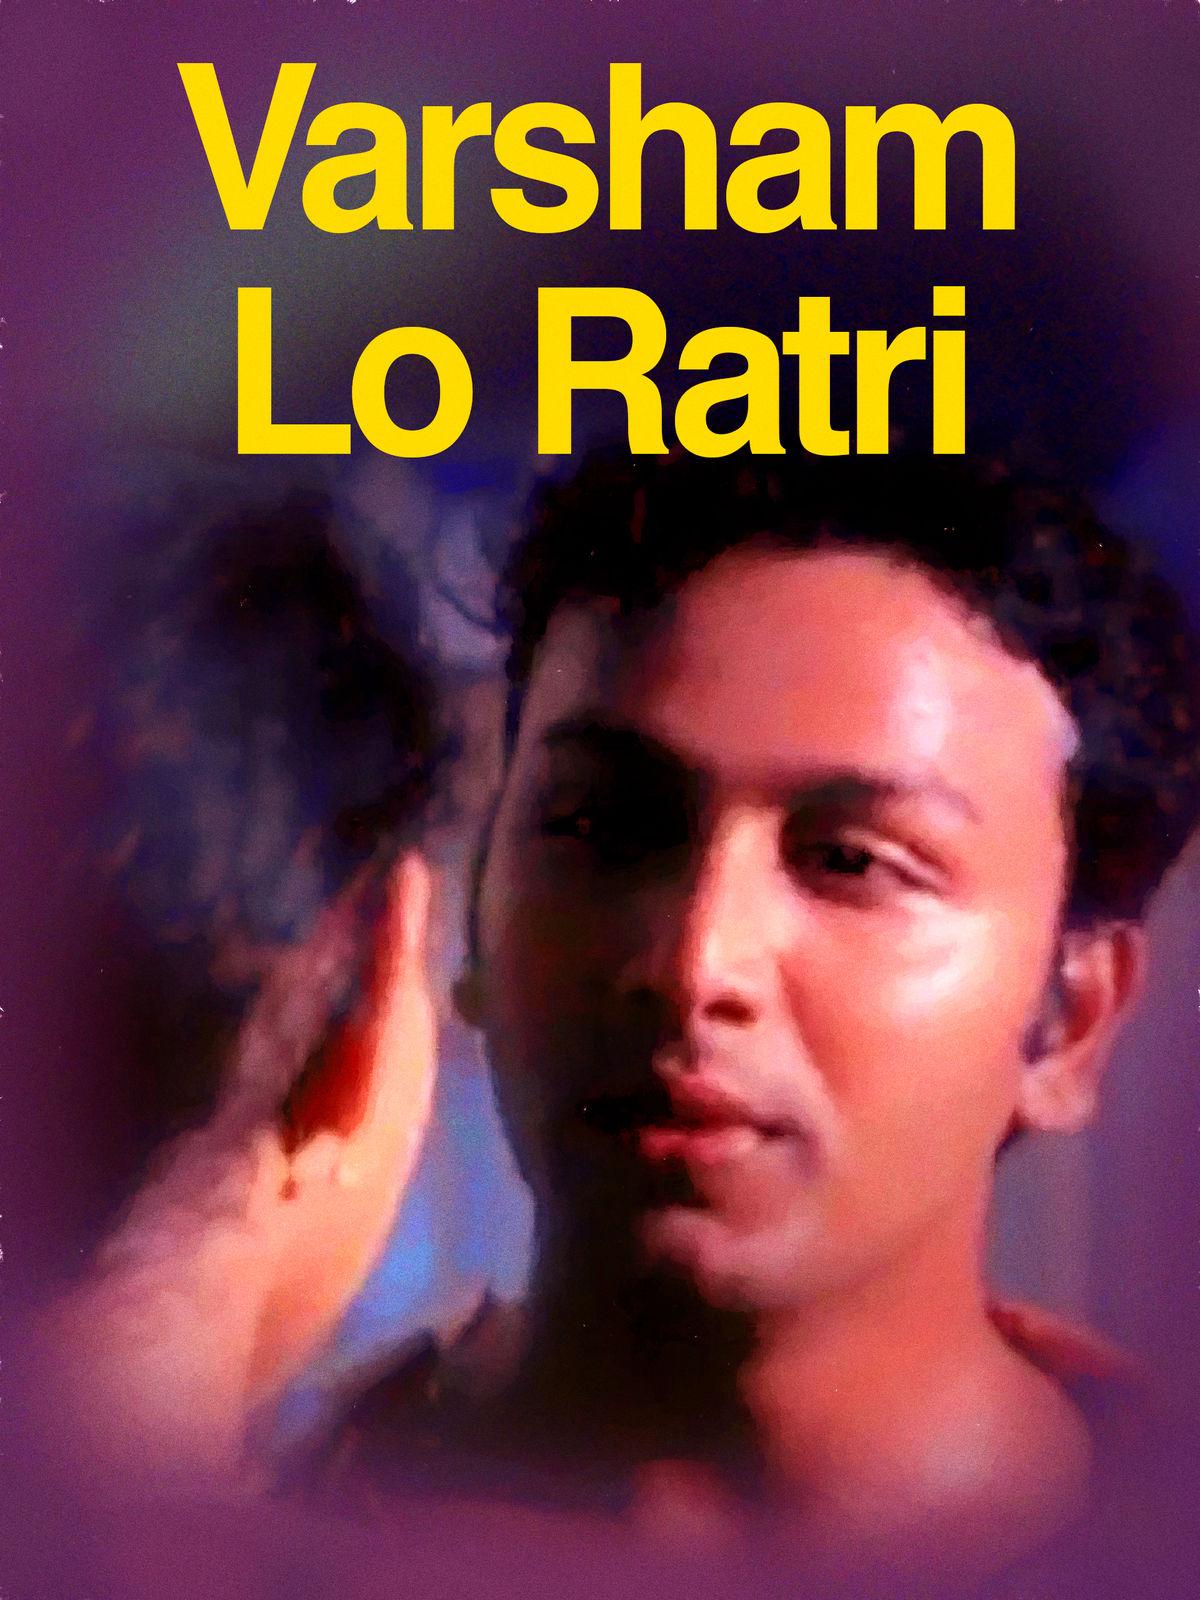 Varsham Lo Ratri